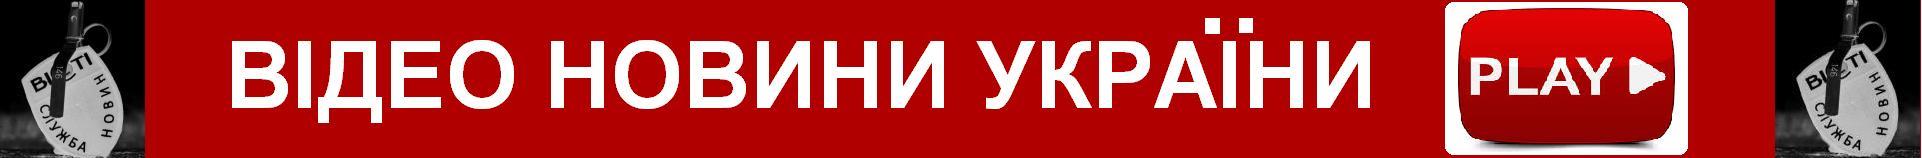 Вісті Ньюс, Новини, Харків, Дніпро, Київ, Україна, visti.news